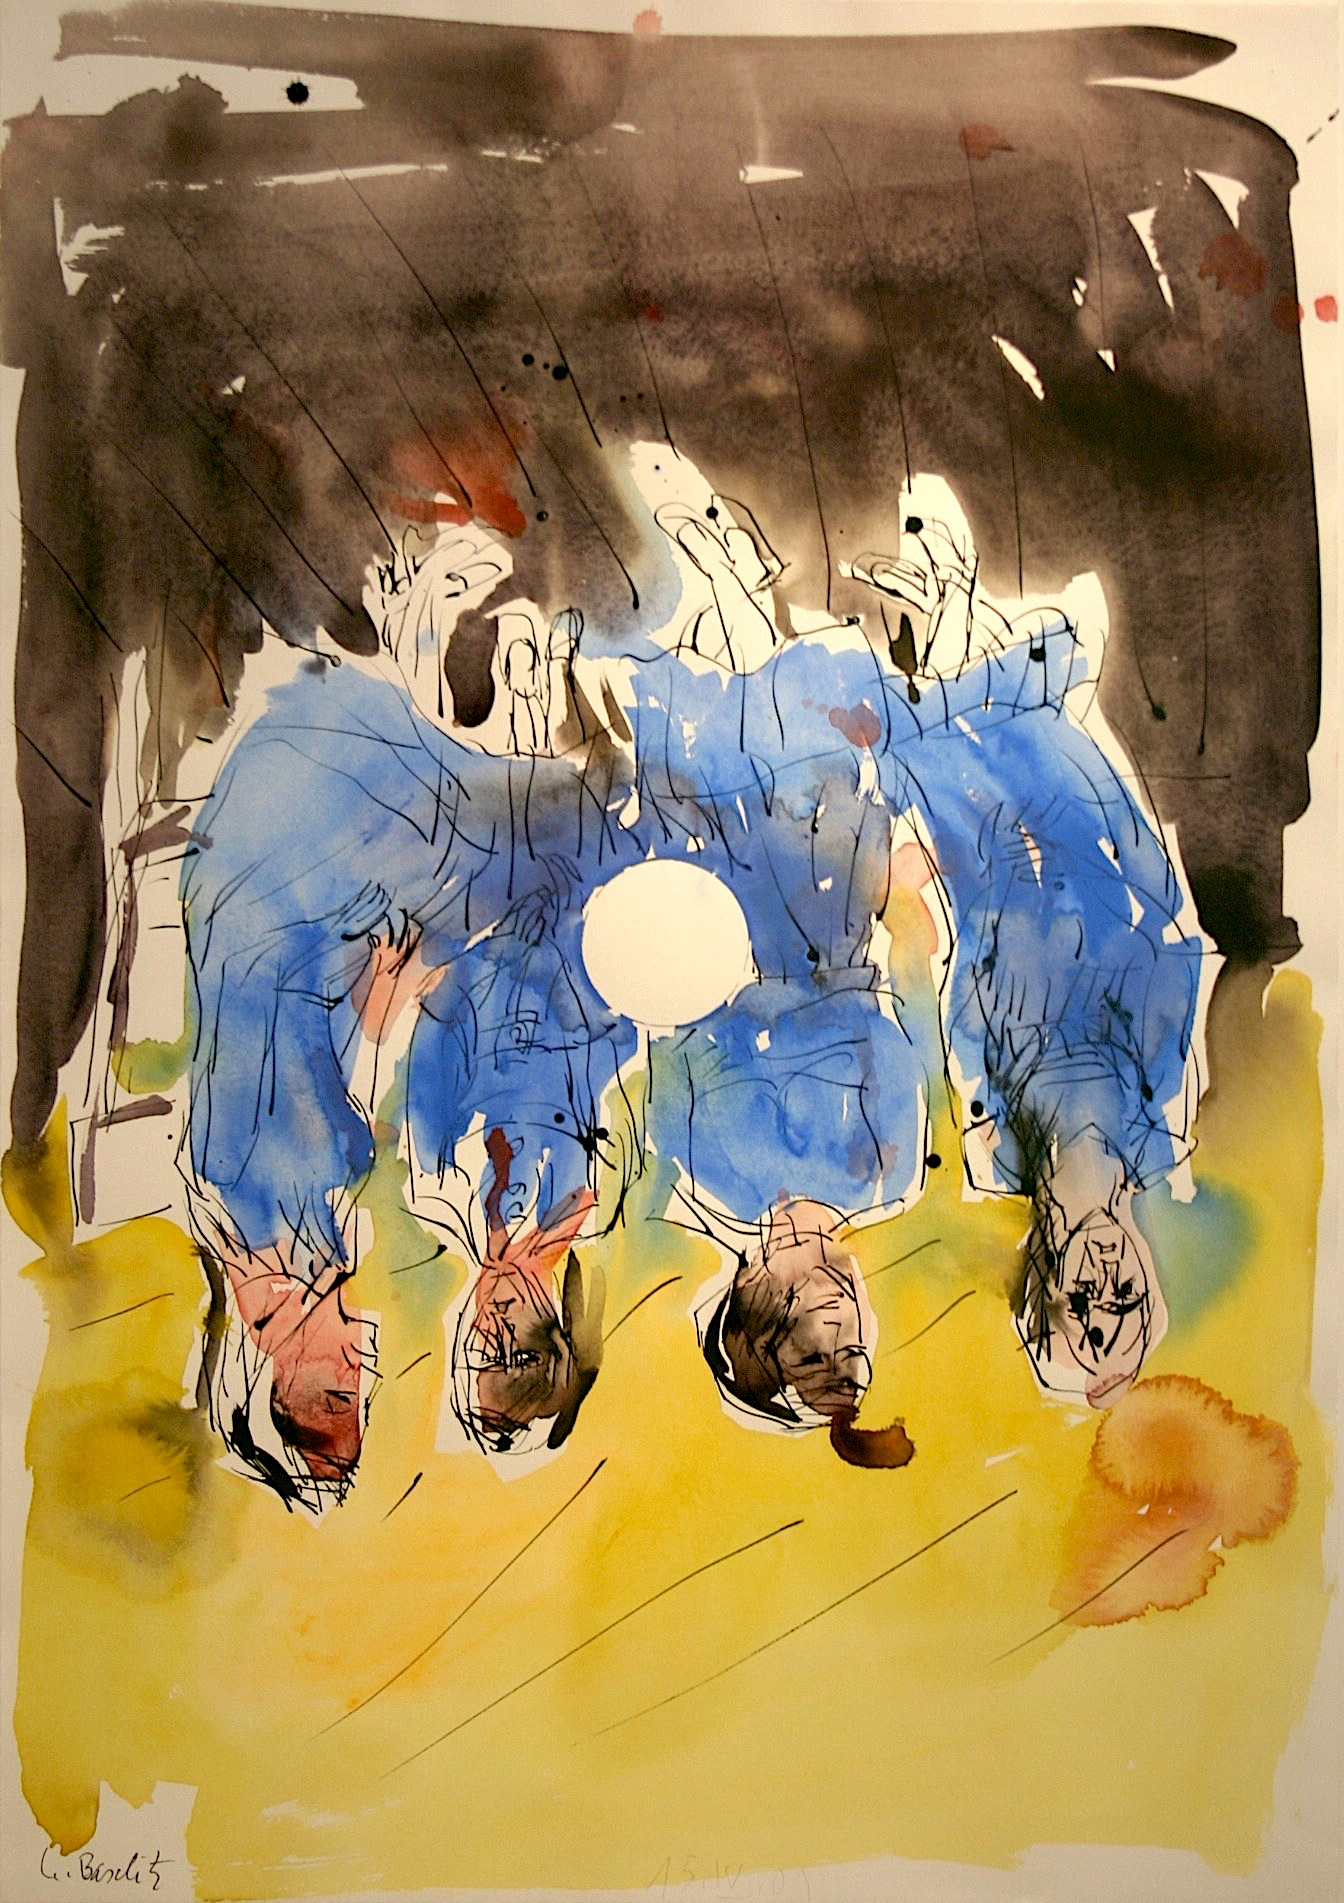 Georg Baselitz Ohne Titel (vier Damen), 2001 Aquarell und Tusche auf Papier 100,5 x 60,8 cm | 39 1/2 x 24 in GB/P 11